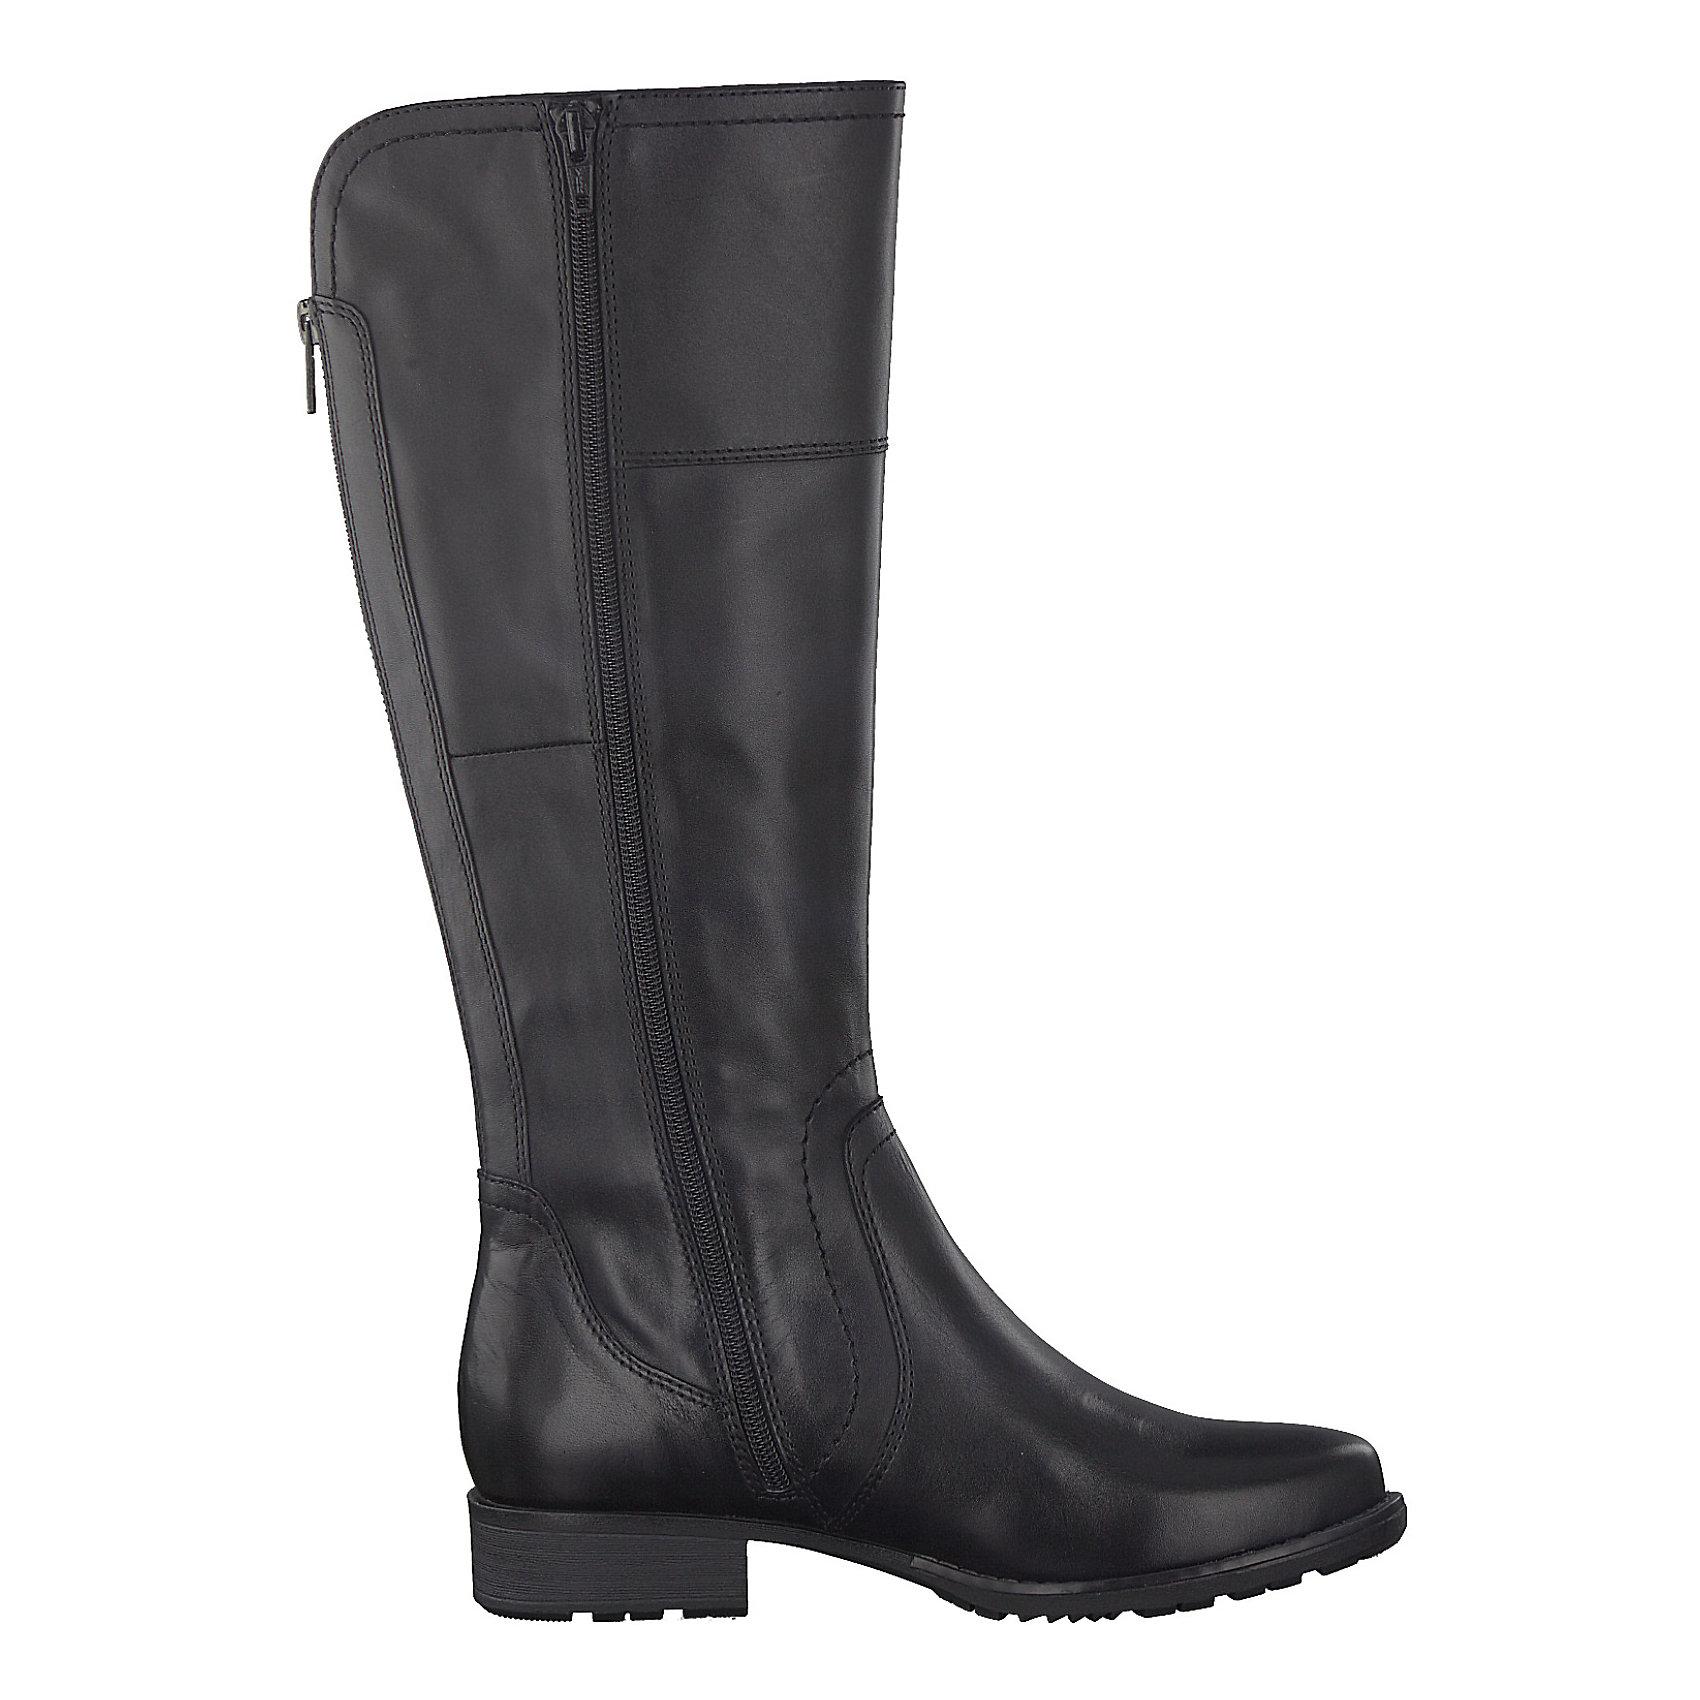 Neu Klassische Jana Klassische Neu Stiefel 8286642 für Damen schwarz 1257ad